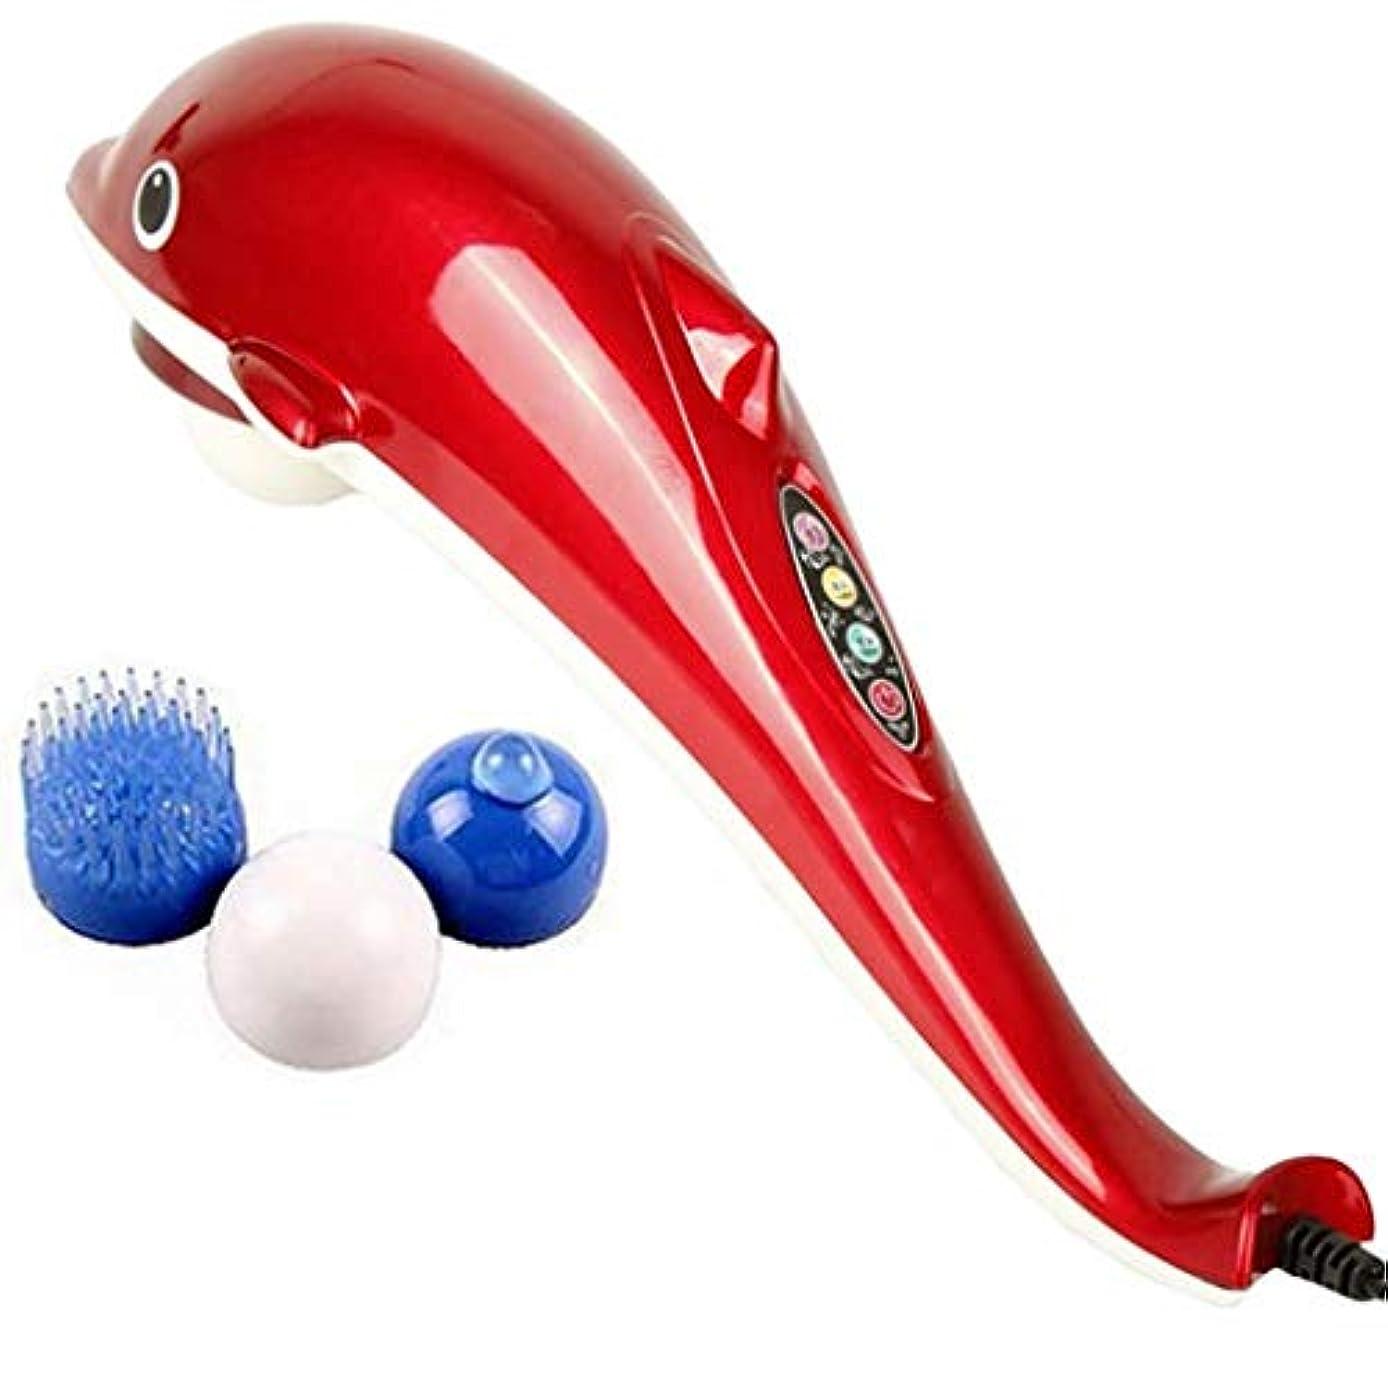 方向青背骨ハンドヘルドドルフィンマッサージャー、赤外線/暖房/ 4モード、ダブルマッサージヘッド、痛み/ストレス/疲労を和らげる、血液循環を促進、頸椎腰椎インテリジェントマッサージャーを加速